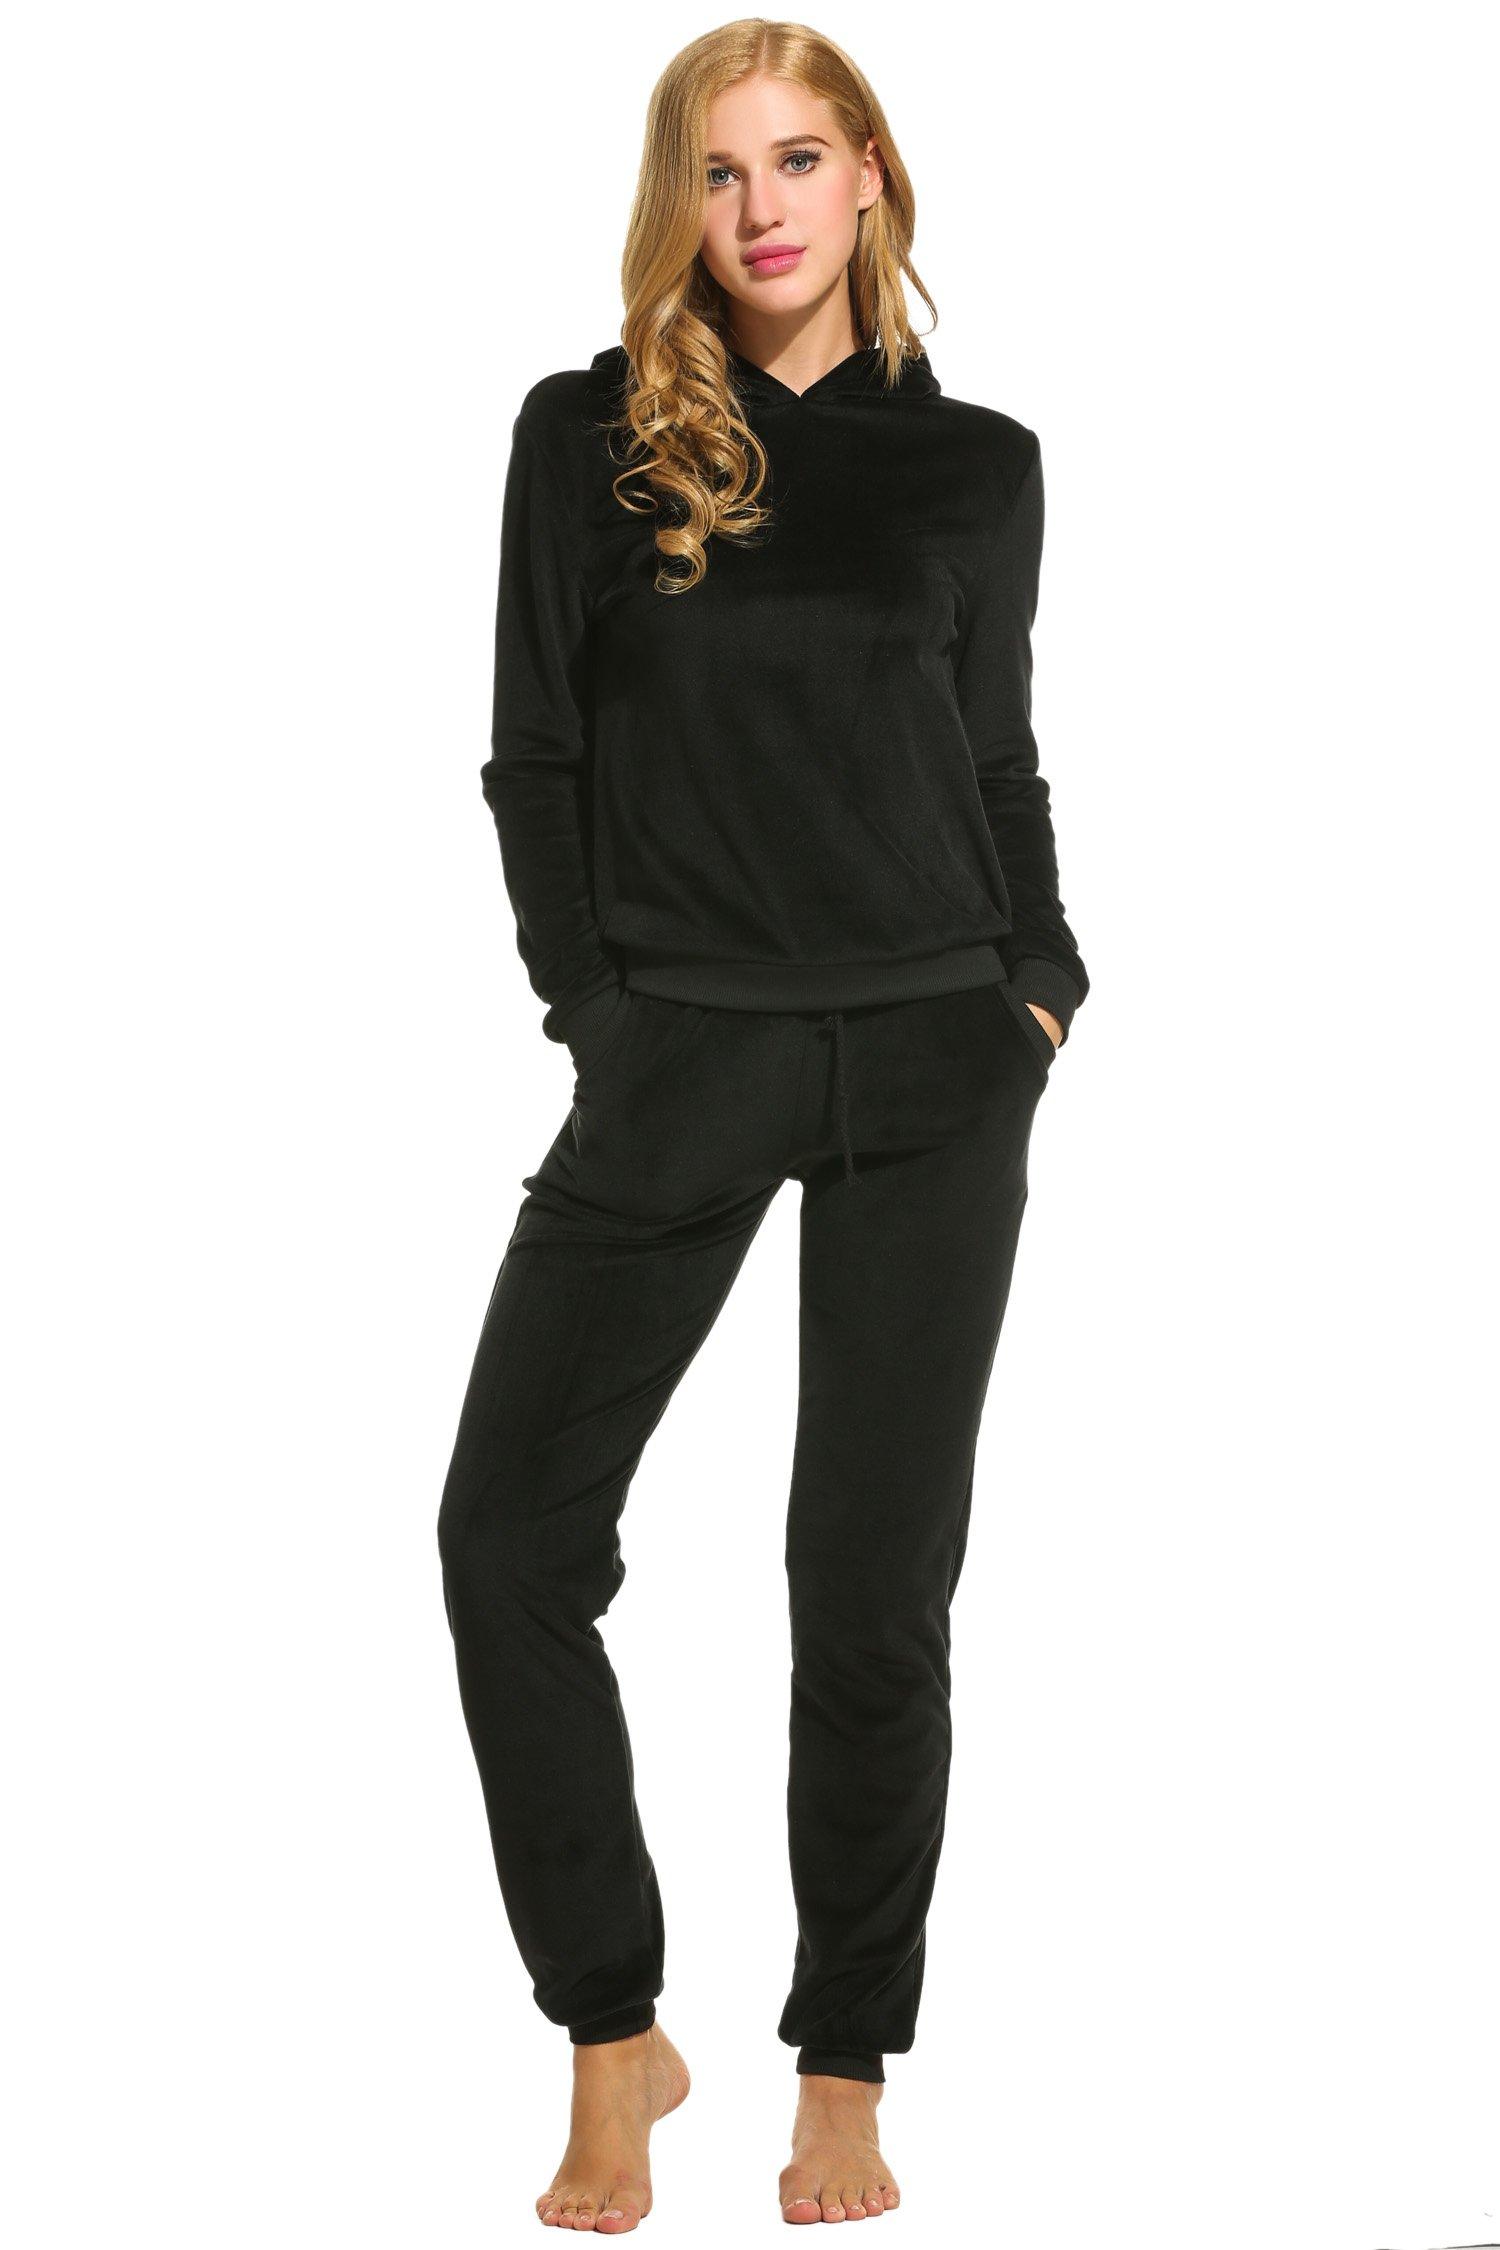 Hotouch Women's Soft Velour Tracksuit Hoodie & Sweat Pants Set Black XXXL